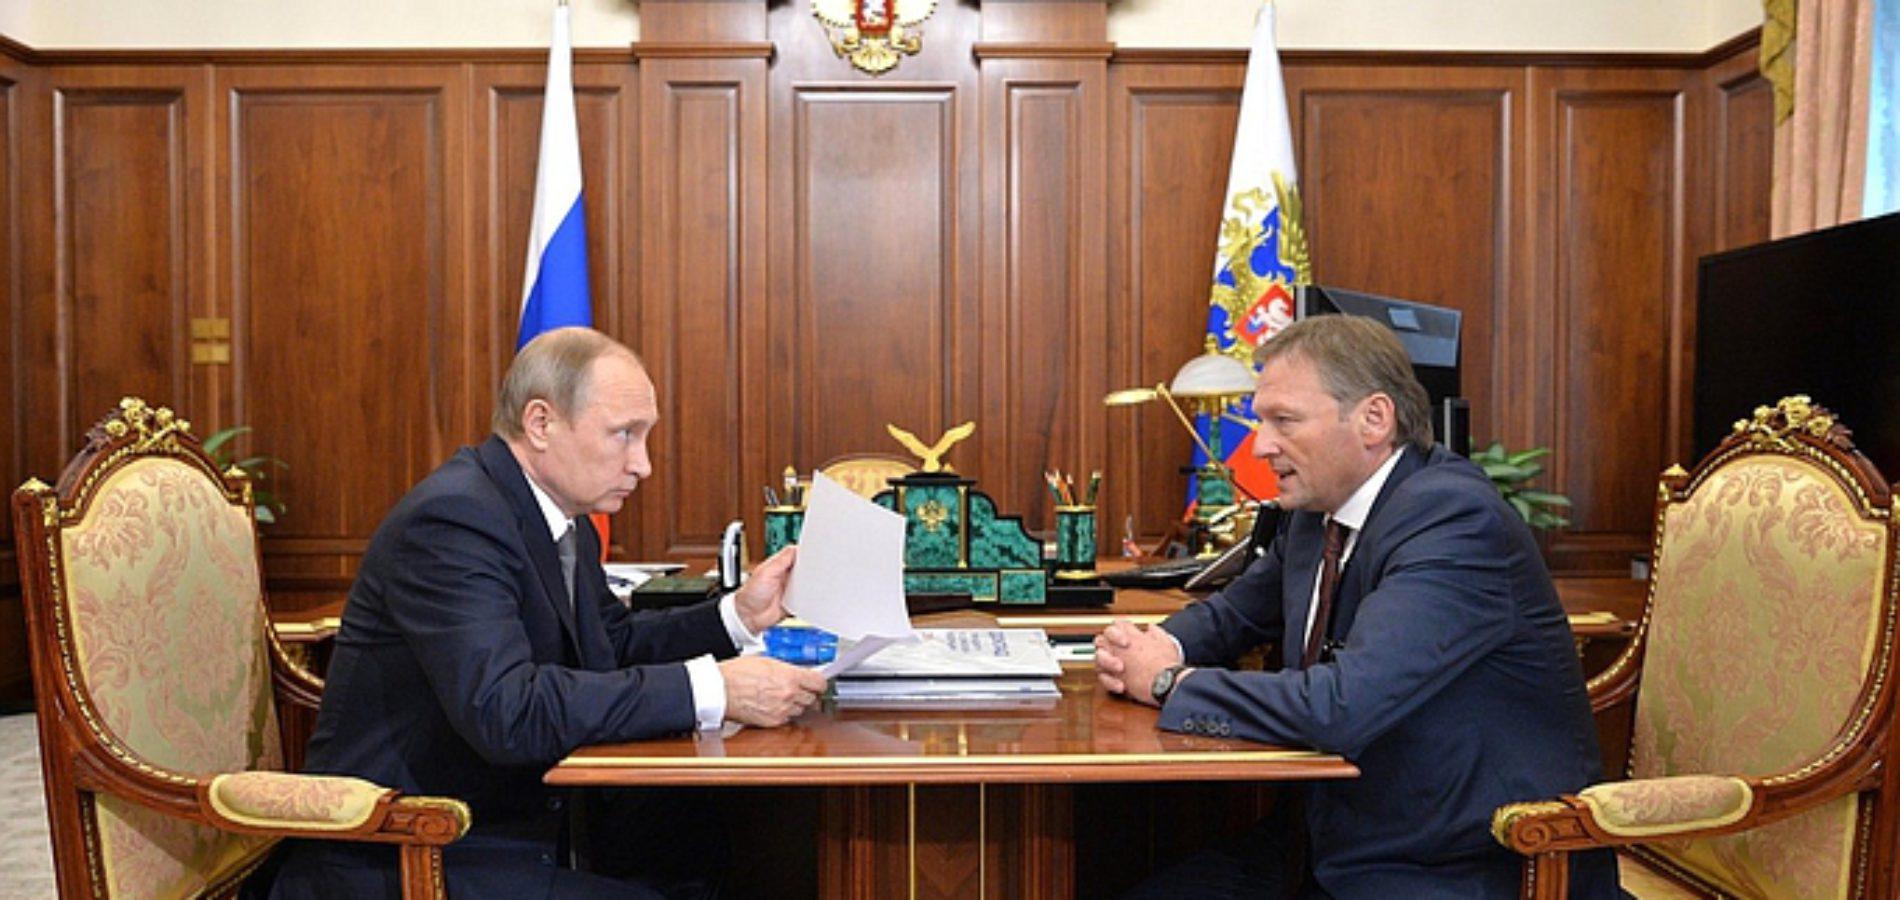 Уполномоченный по защите прав предпринимателей Борис Титов встретился с президентом Владимиром Путиным